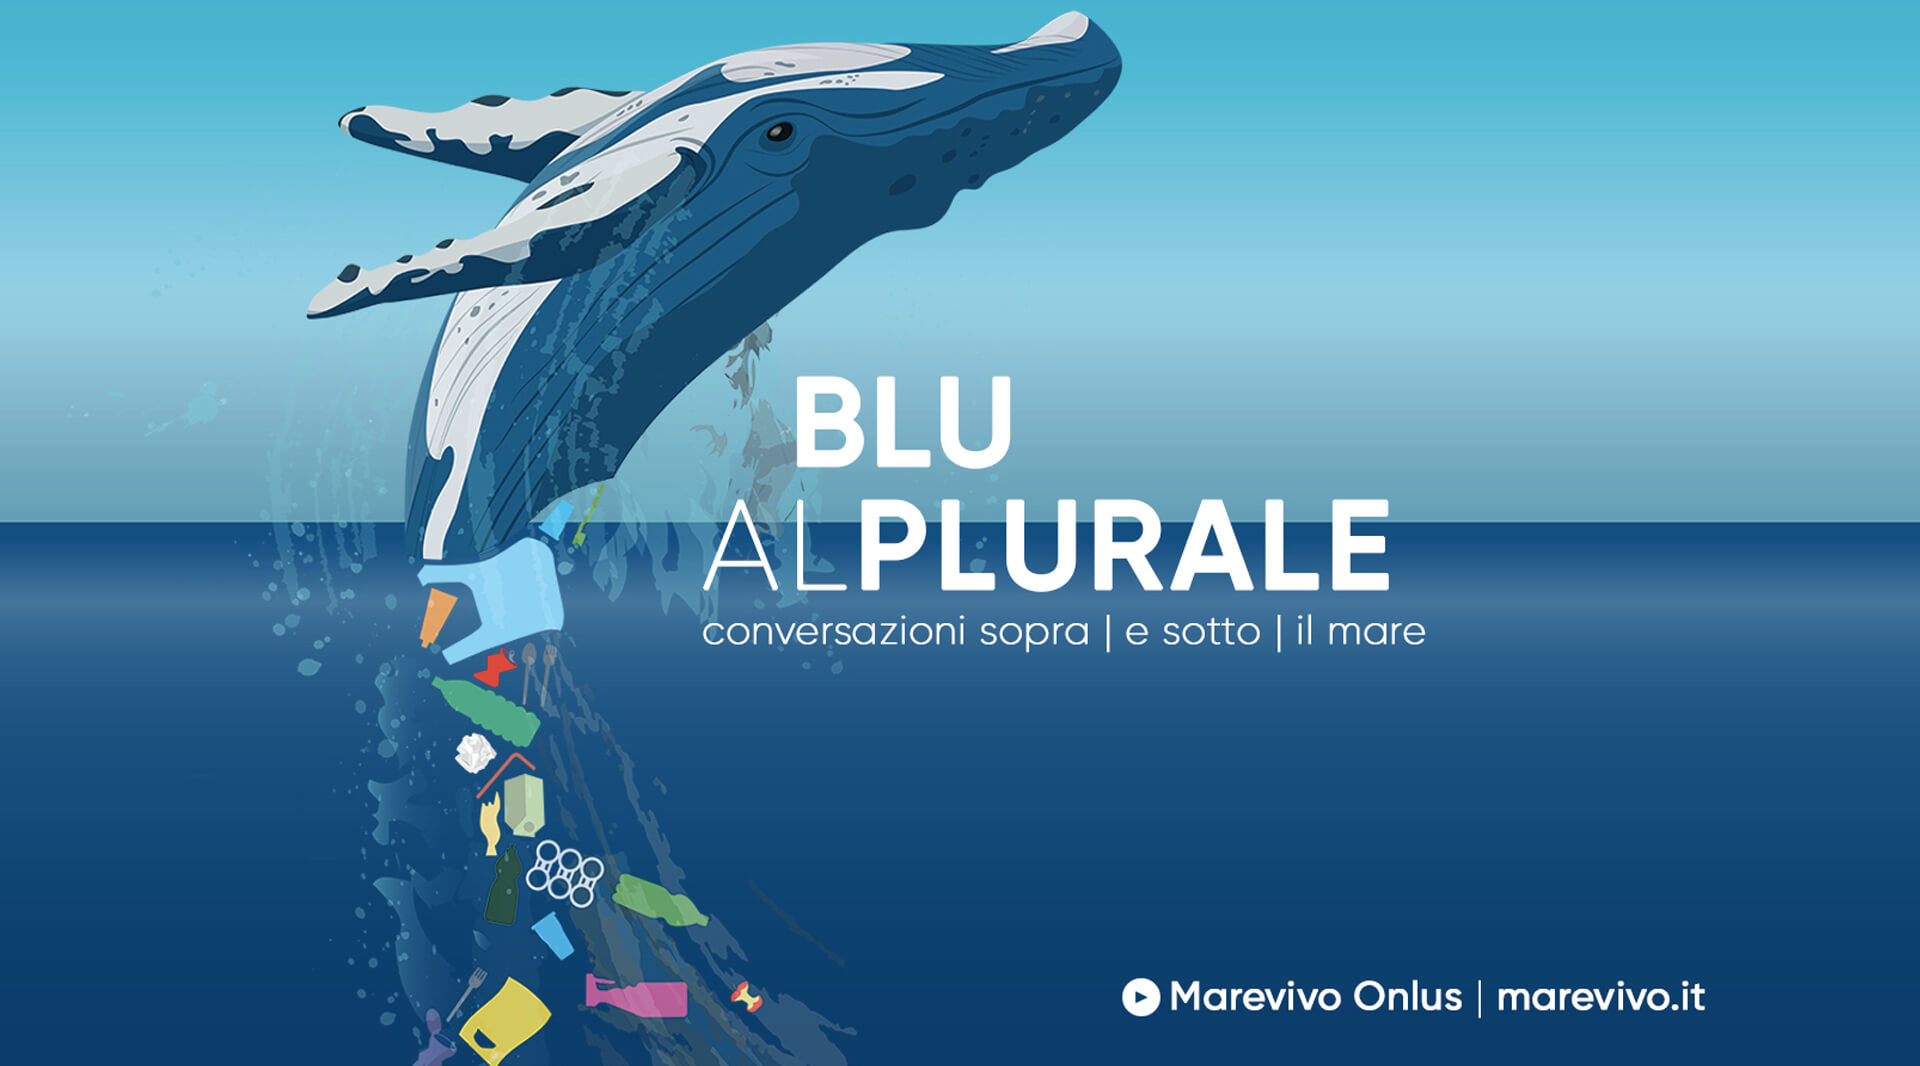 blu al plurale